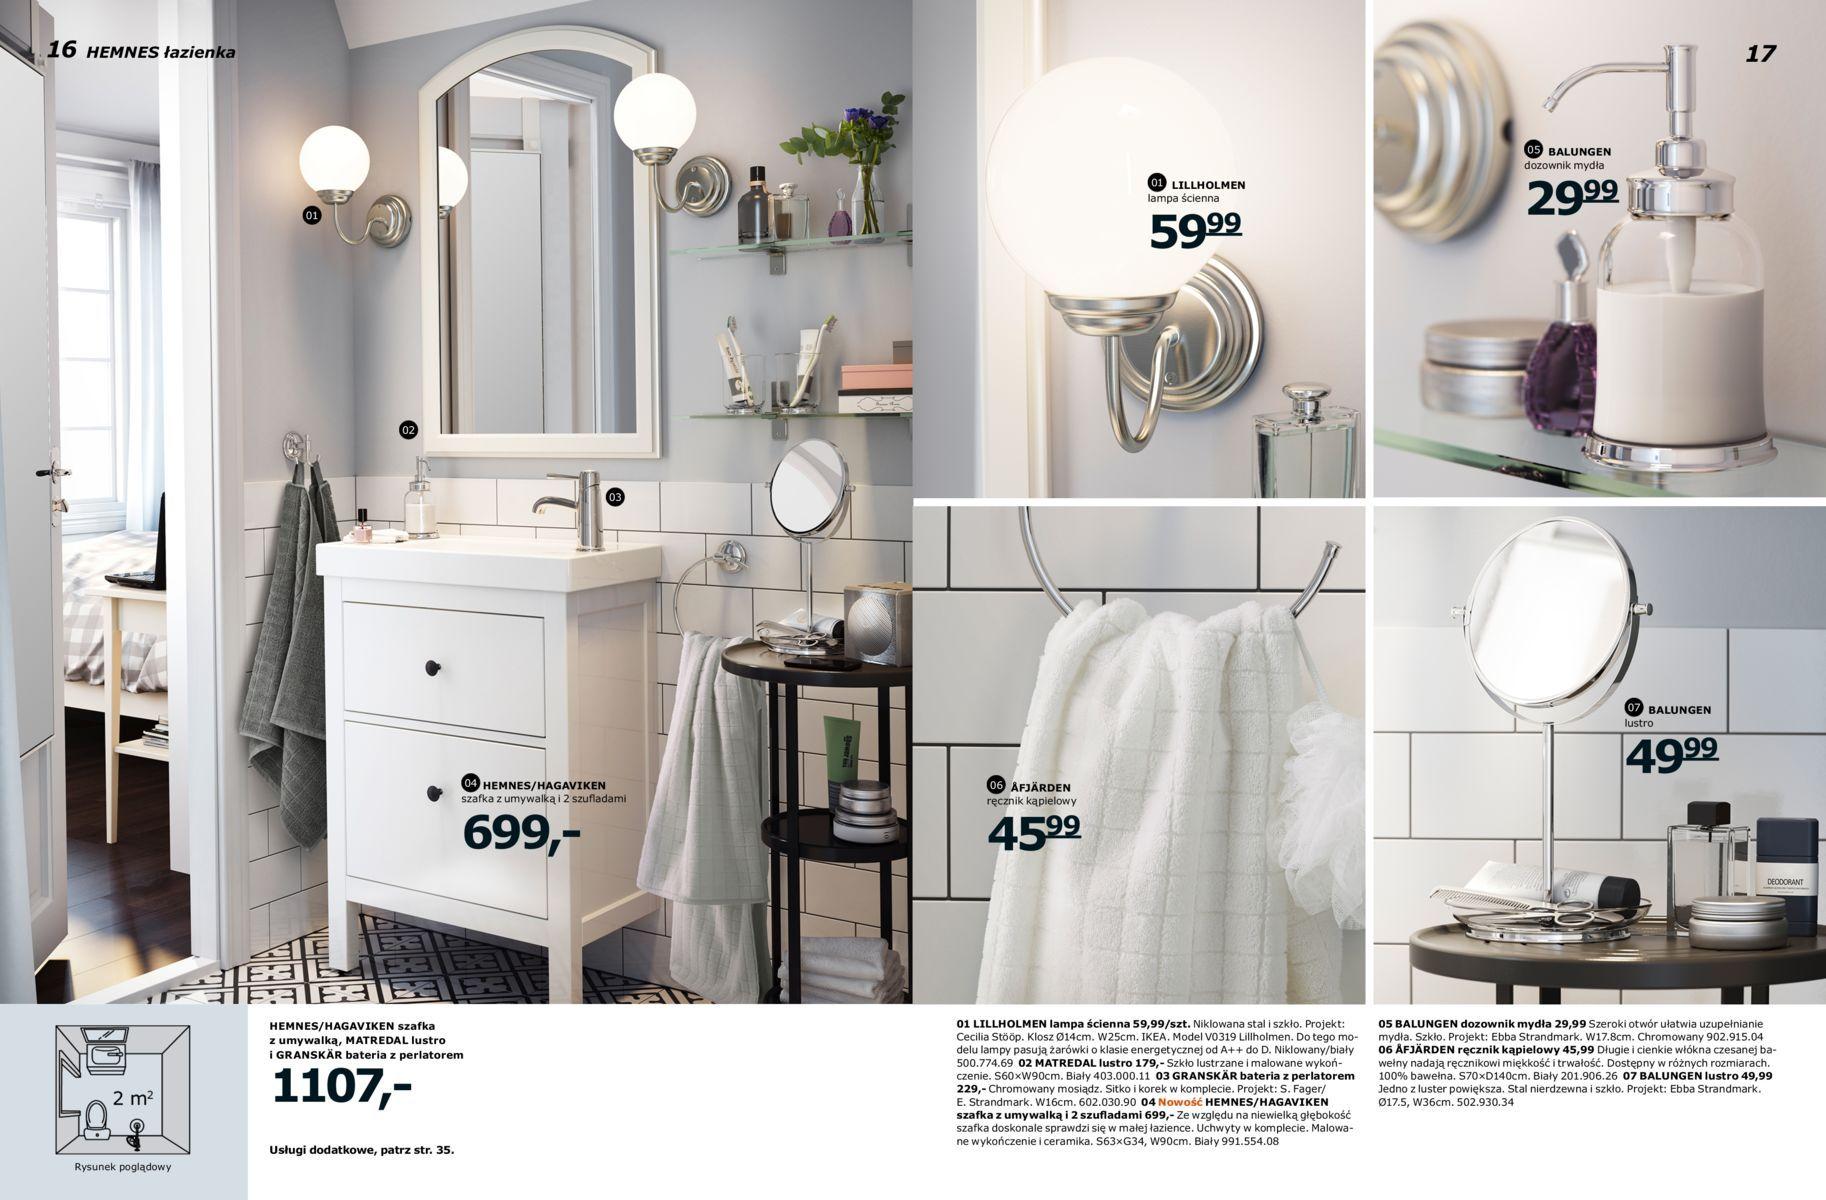 Isrb Bathroom By17 Wnętrza łazienka Ikea Ikea łazienka